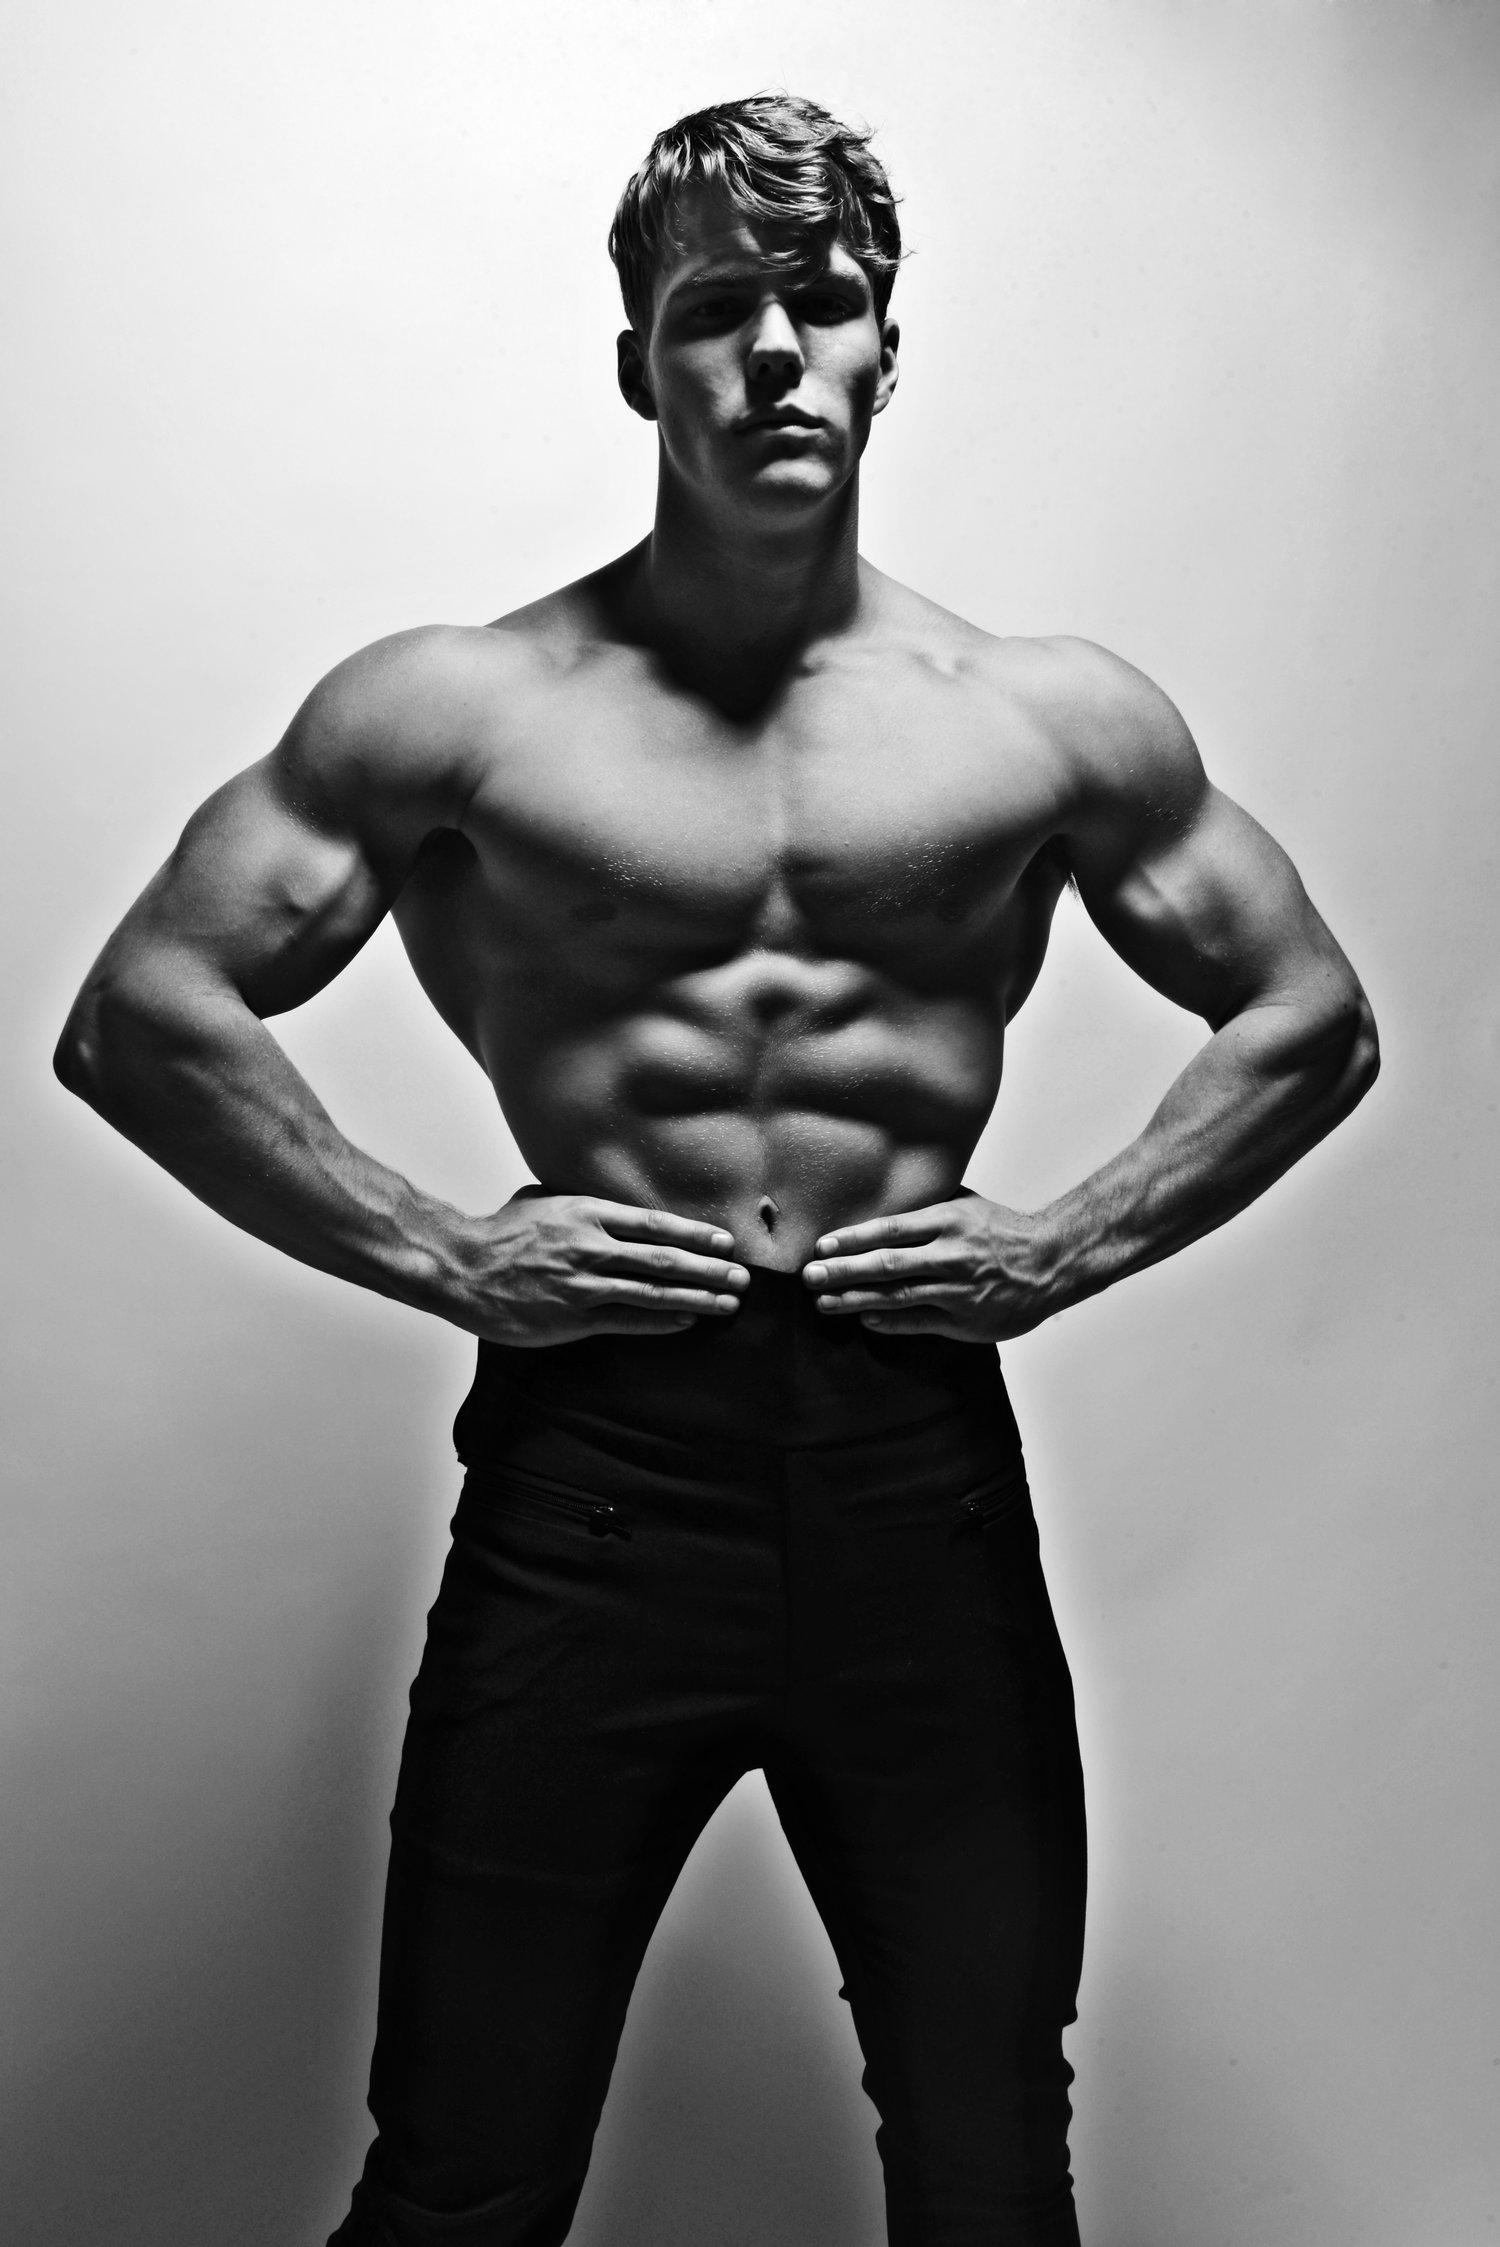 Adon Exclusive: Model Michael Dean By Jason T. Jaskot